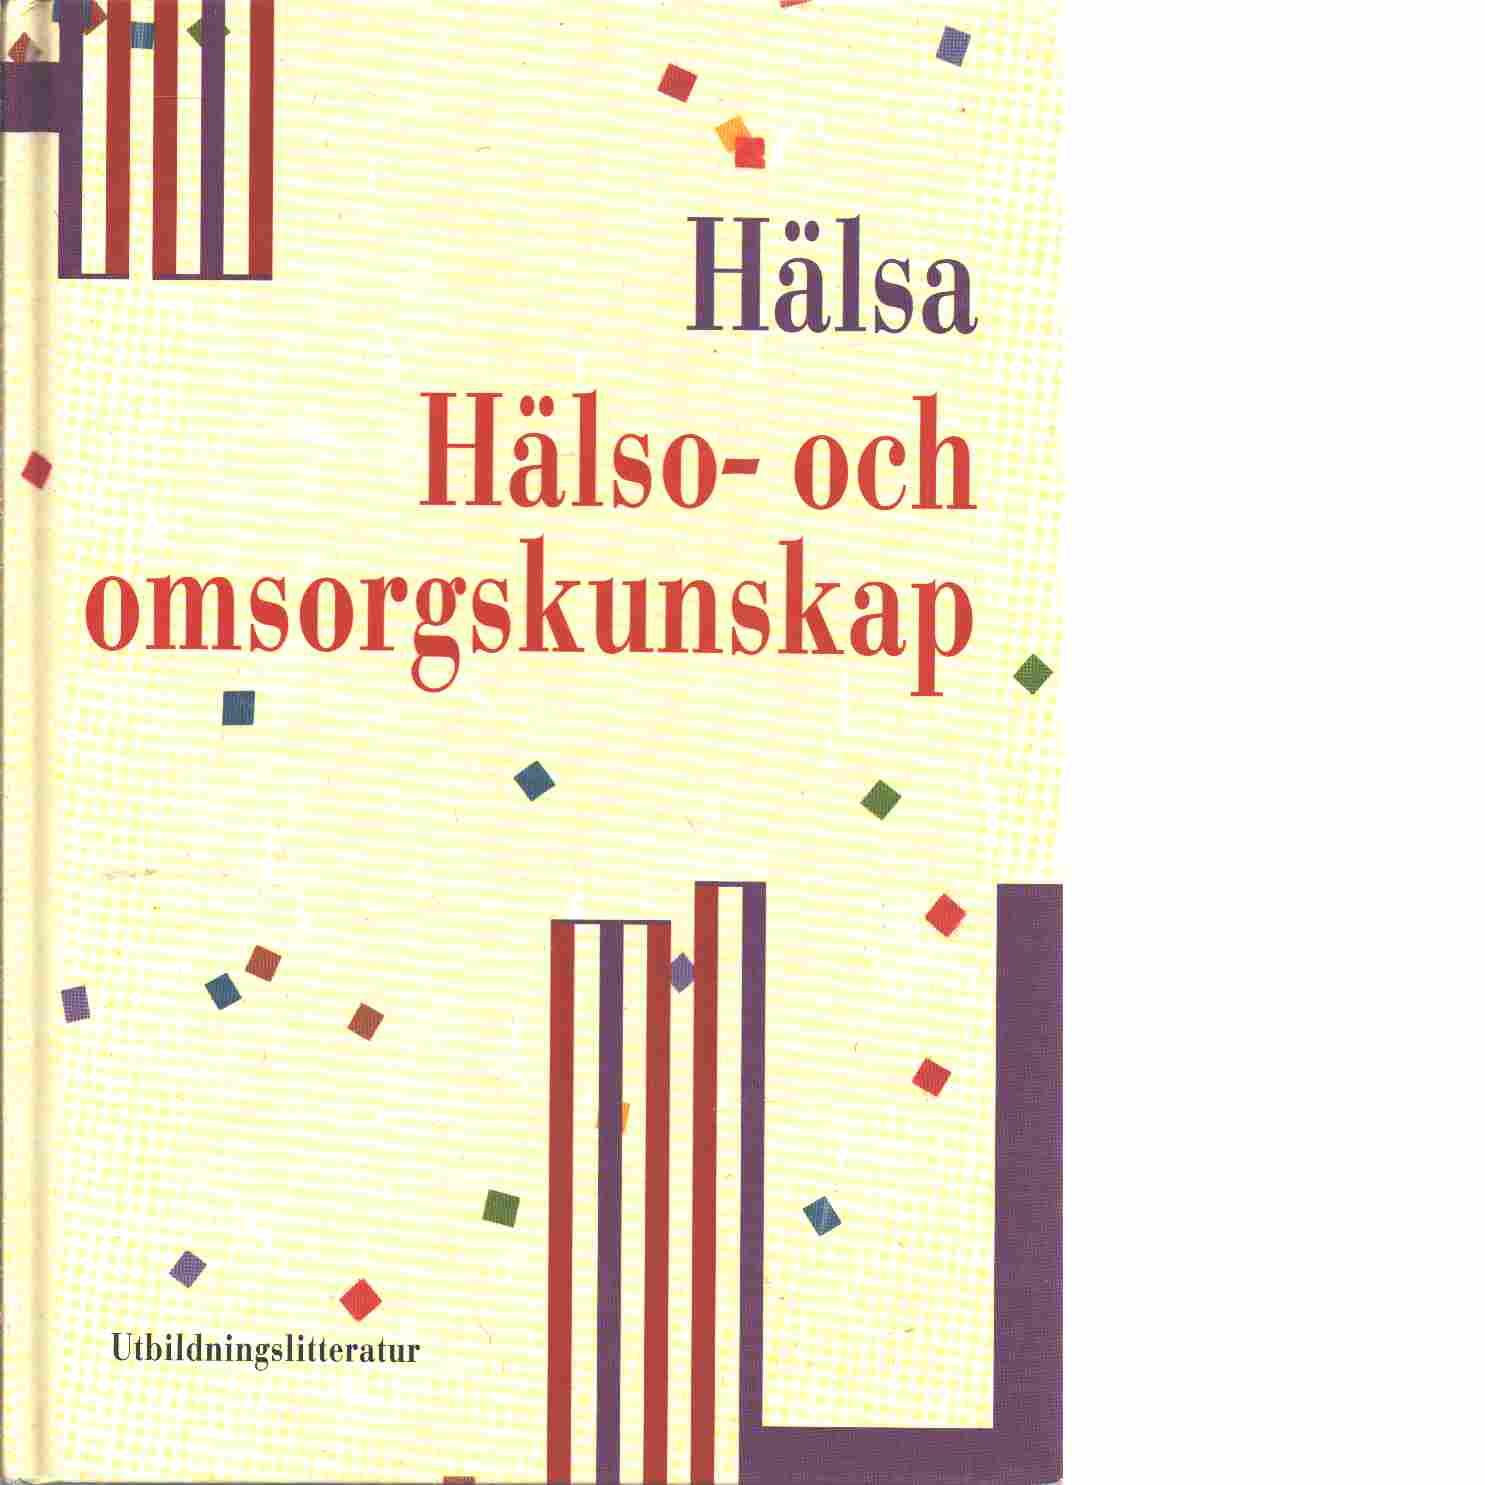 Hälsa : Hälsa- och omsorgskunskap - Sahlqvist, Lena